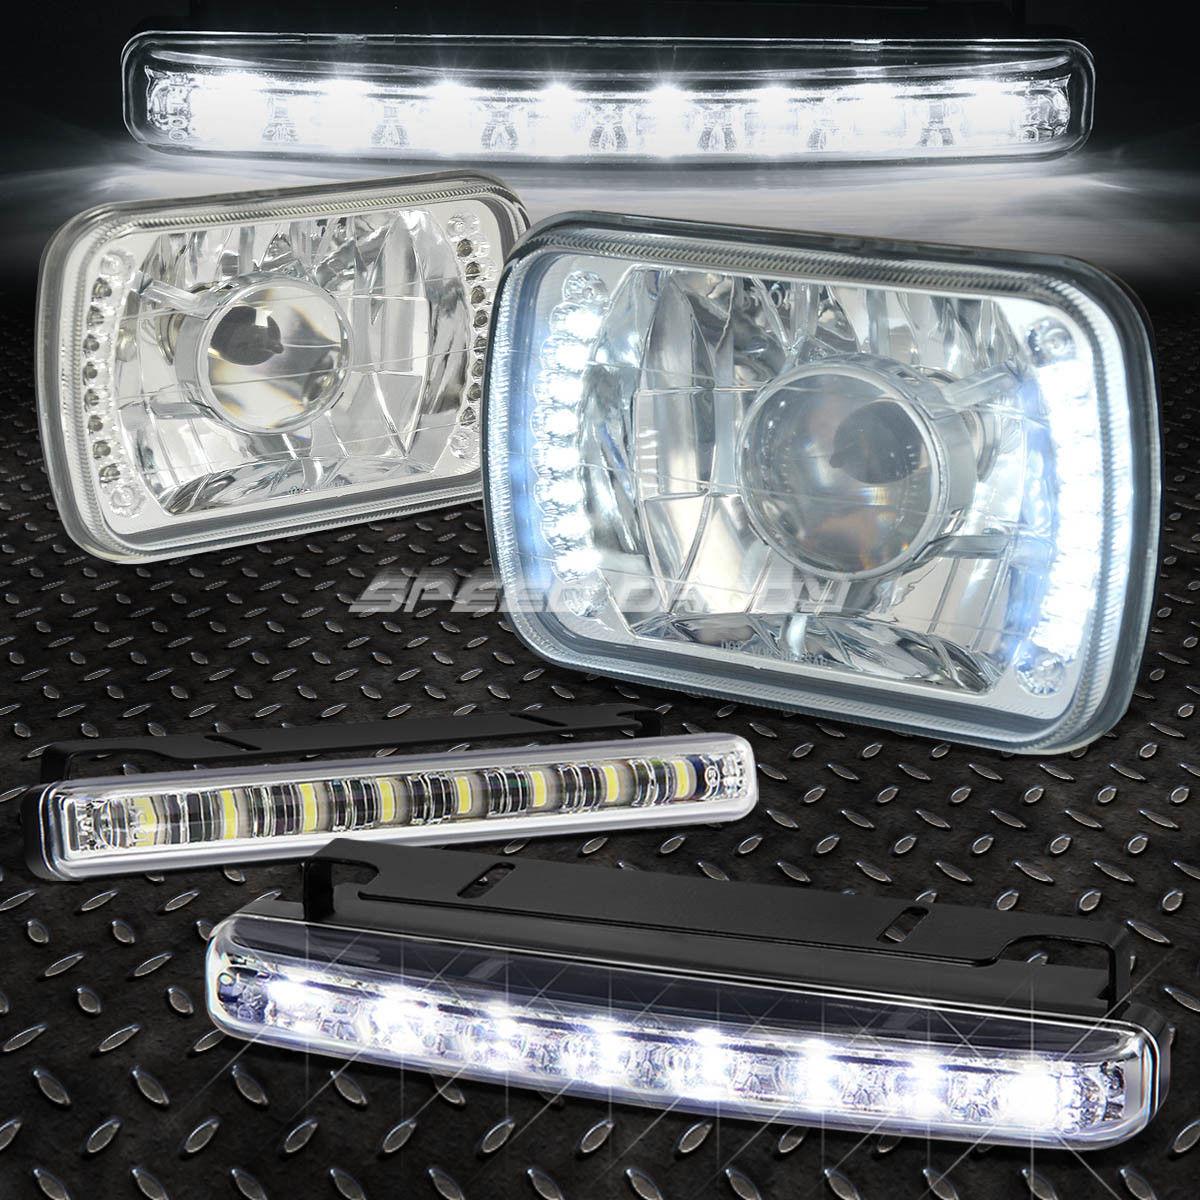 フォグライト 7x6 H6014 SQUARE LED PROJECTOR CHROME CLEAR SEMI-SEALED HEAD LIGHT+BULB+DRL FOG 7x6 H6014スクエアLEDプロジェクタークロムクリアセミシールヘッドライト+ BULB + DRL FOG